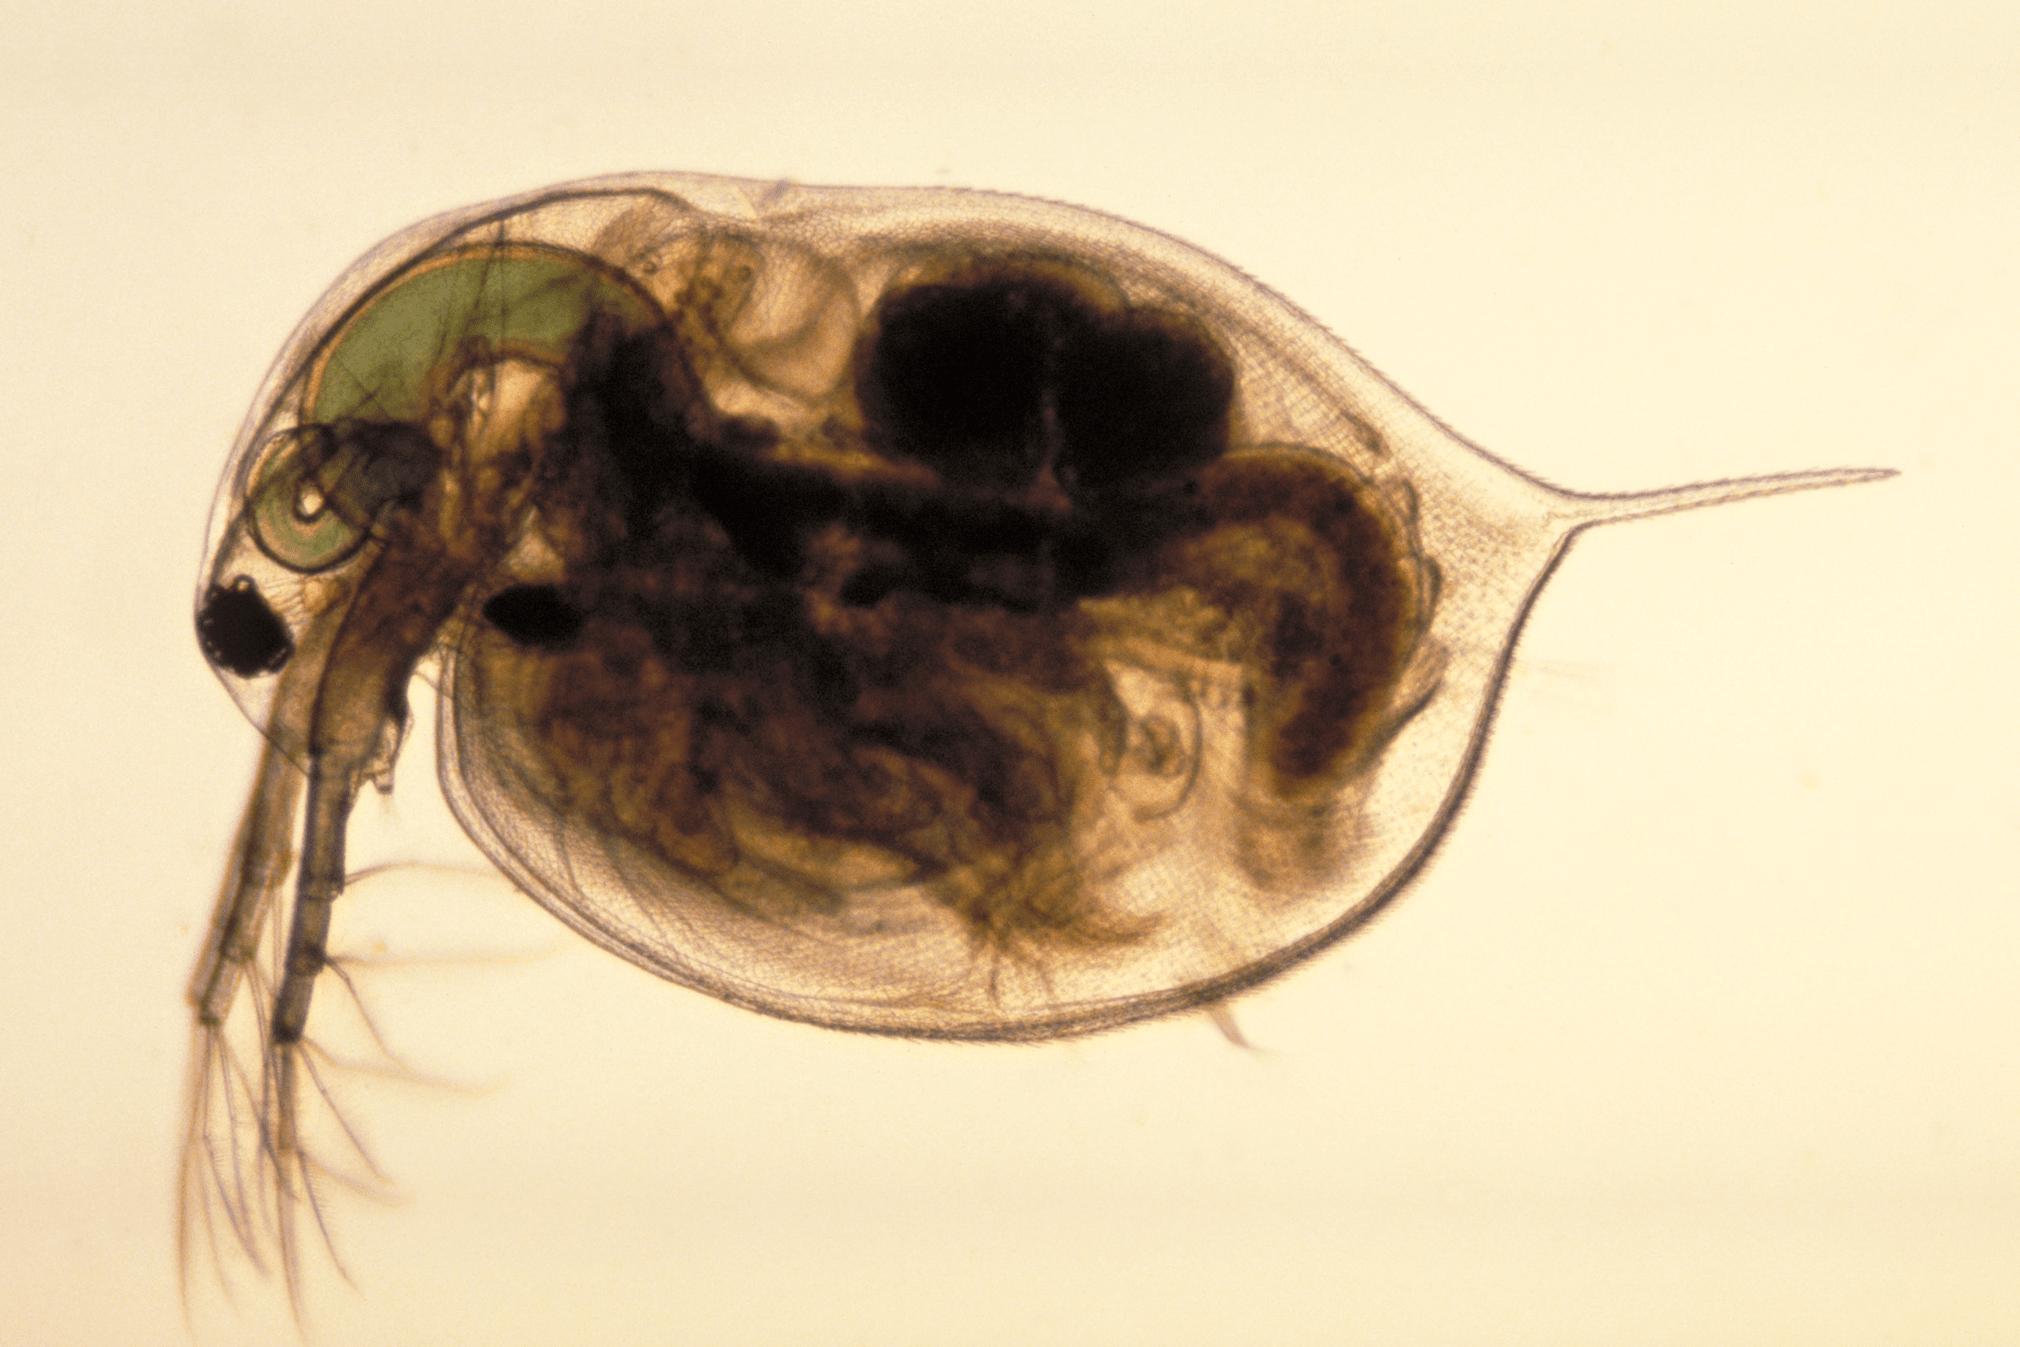 Perloočky fungují jako významný biosensor kvality vody